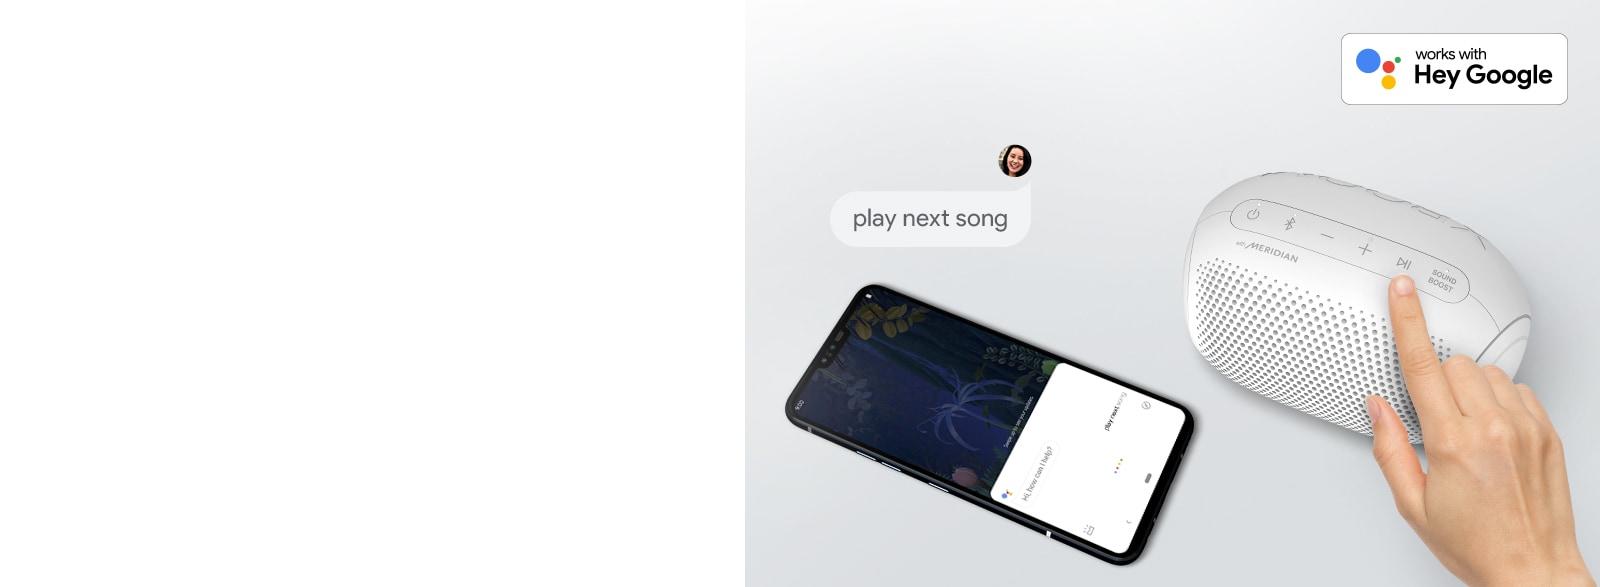 Ruka pritišće gumb na zvučniku LG XBOOM Go. Pametni se telefon nalazi pokraj njega. Tu je i oblačić za govor. Logotip Googlea nalazi se u gornjem desnom kutu.